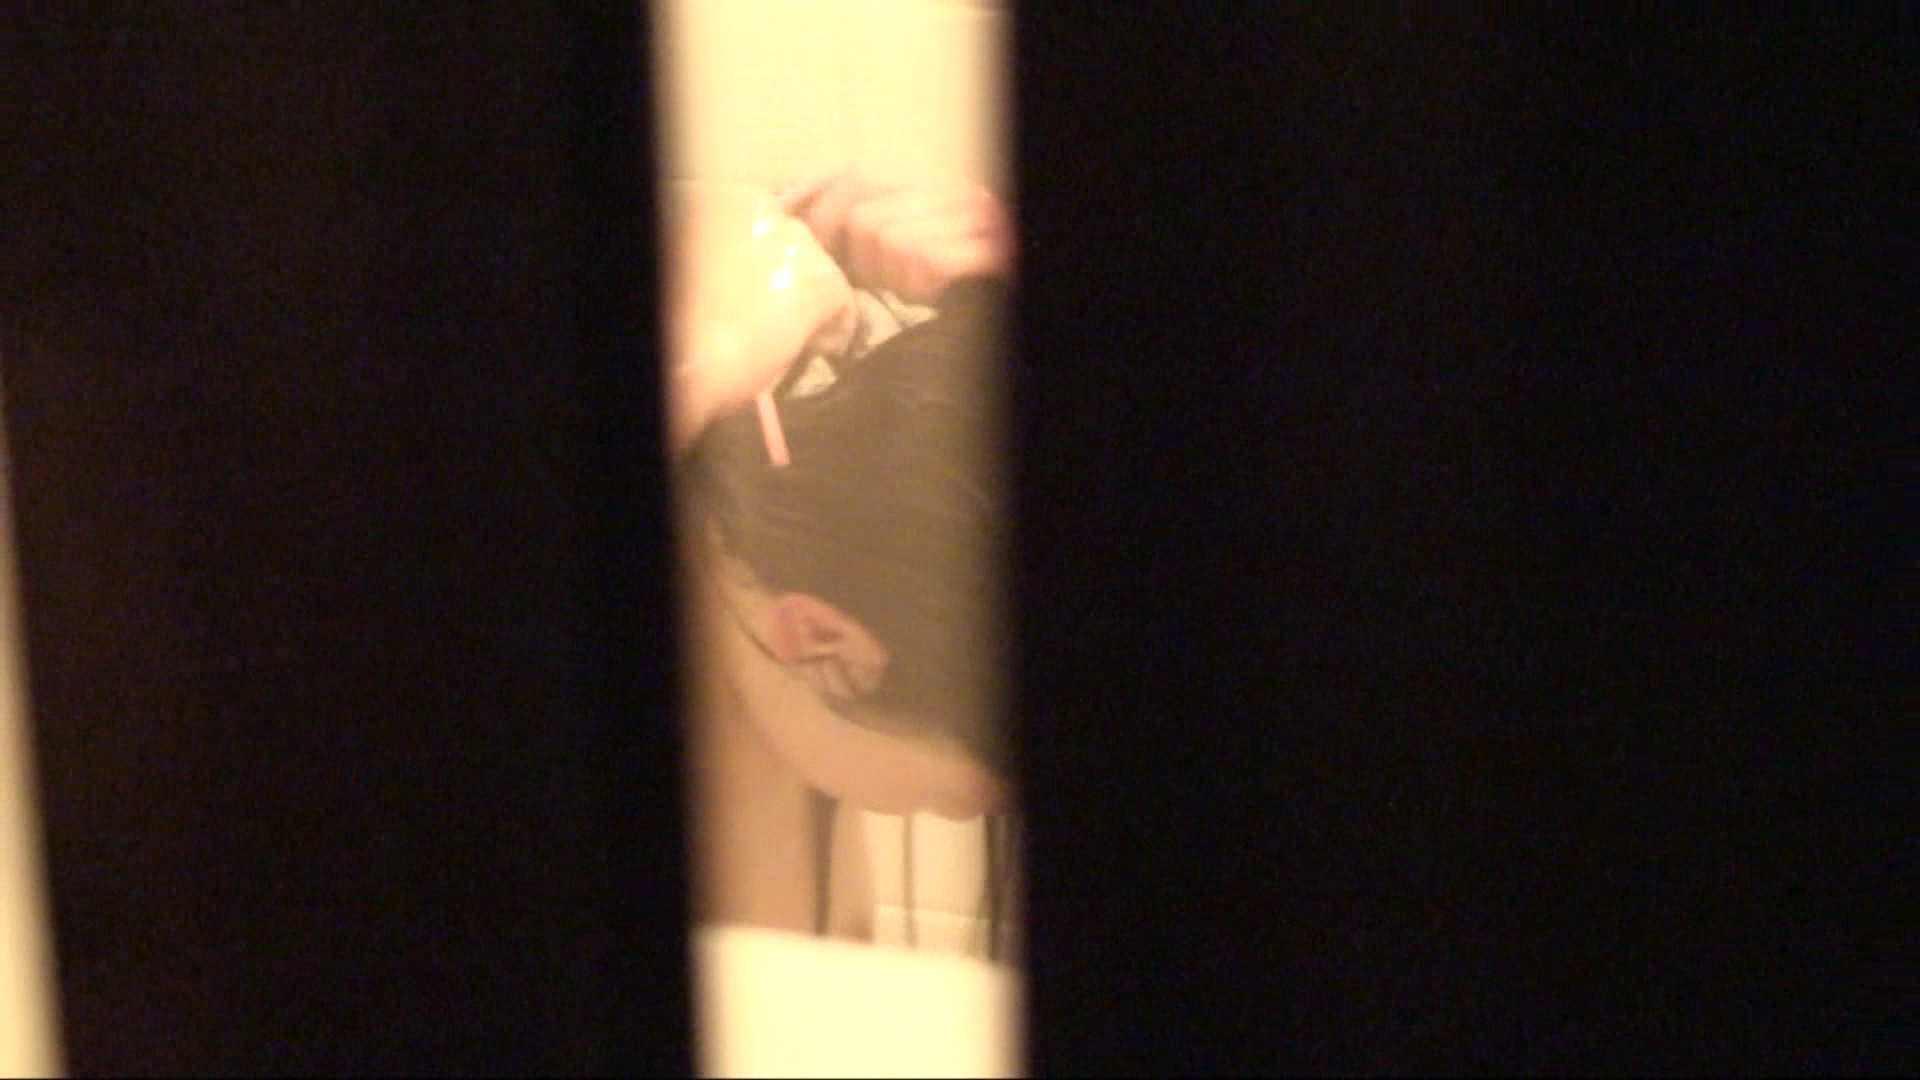 vol.02超可愛すぎる彼女の裸体をハイビジョンで!至近距離での眺め最高! 民家   盗撮  54pic 26